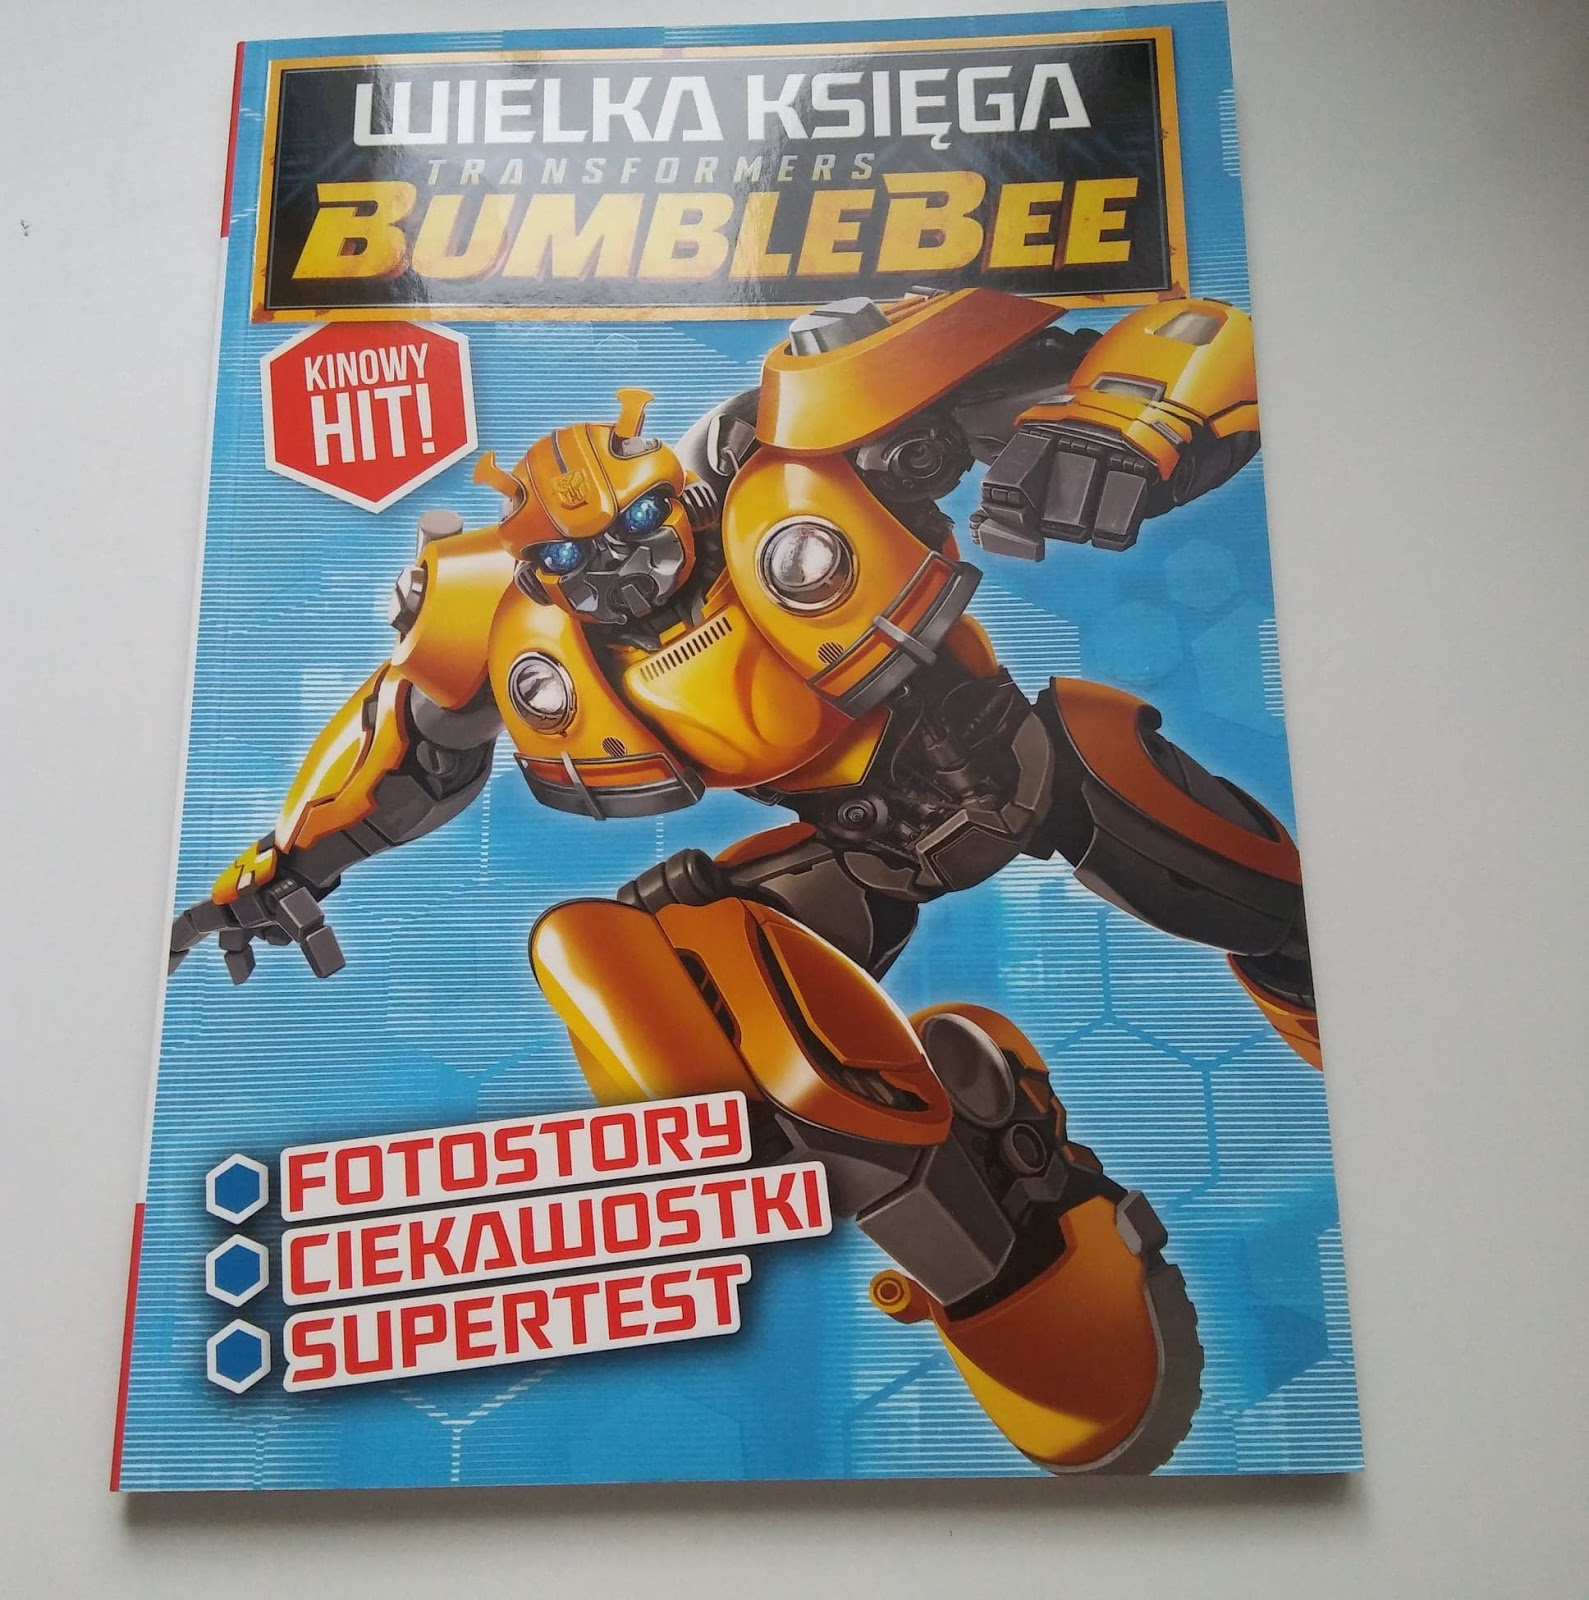 EDIPRESSE POLSKA- Wielka księga Transformers BUMBLEBEE